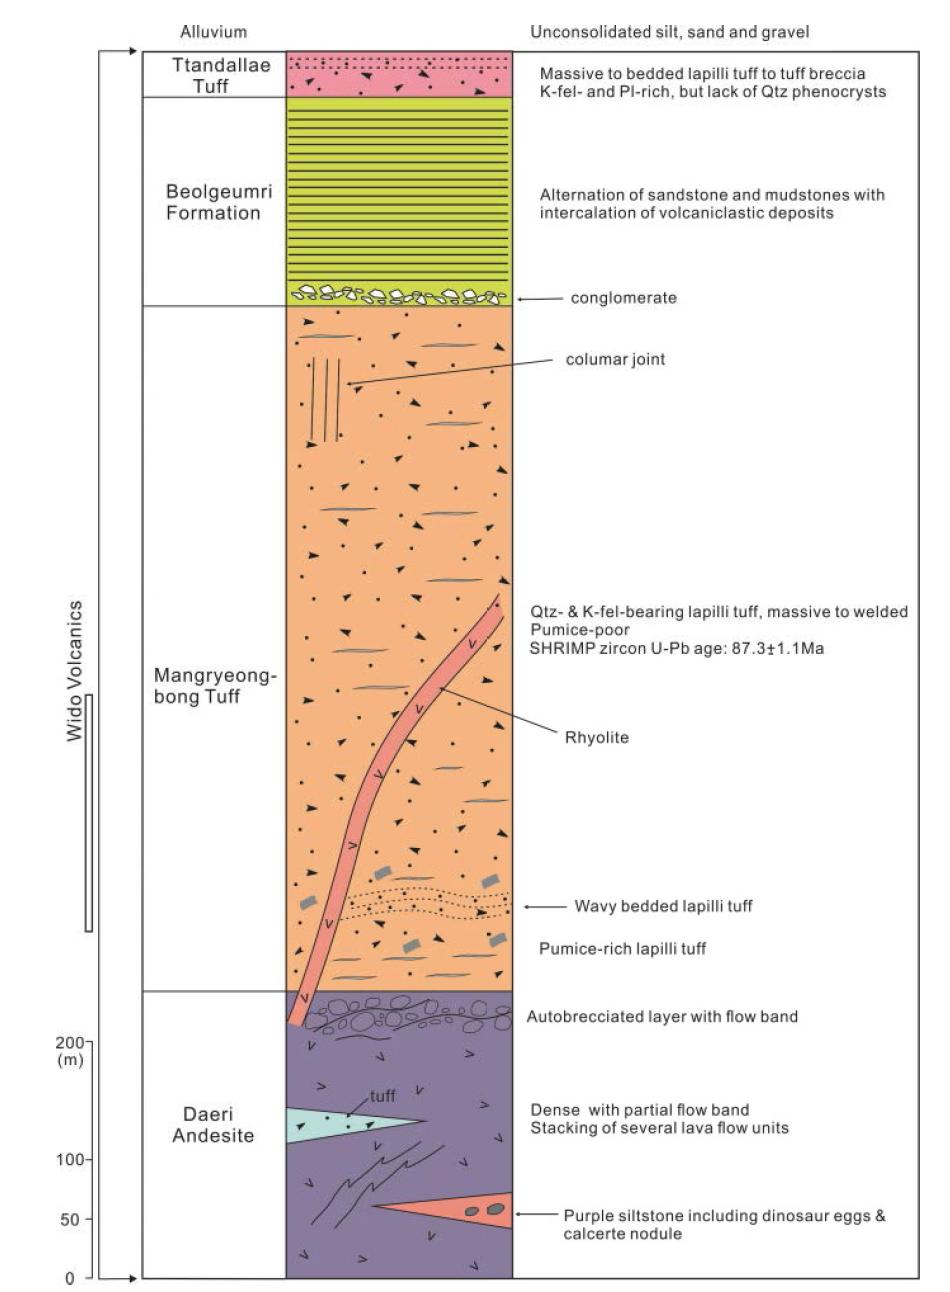 위도화산을 구성하고 있는 암상단위들의 간단한 기재를 나타내는 모식도.